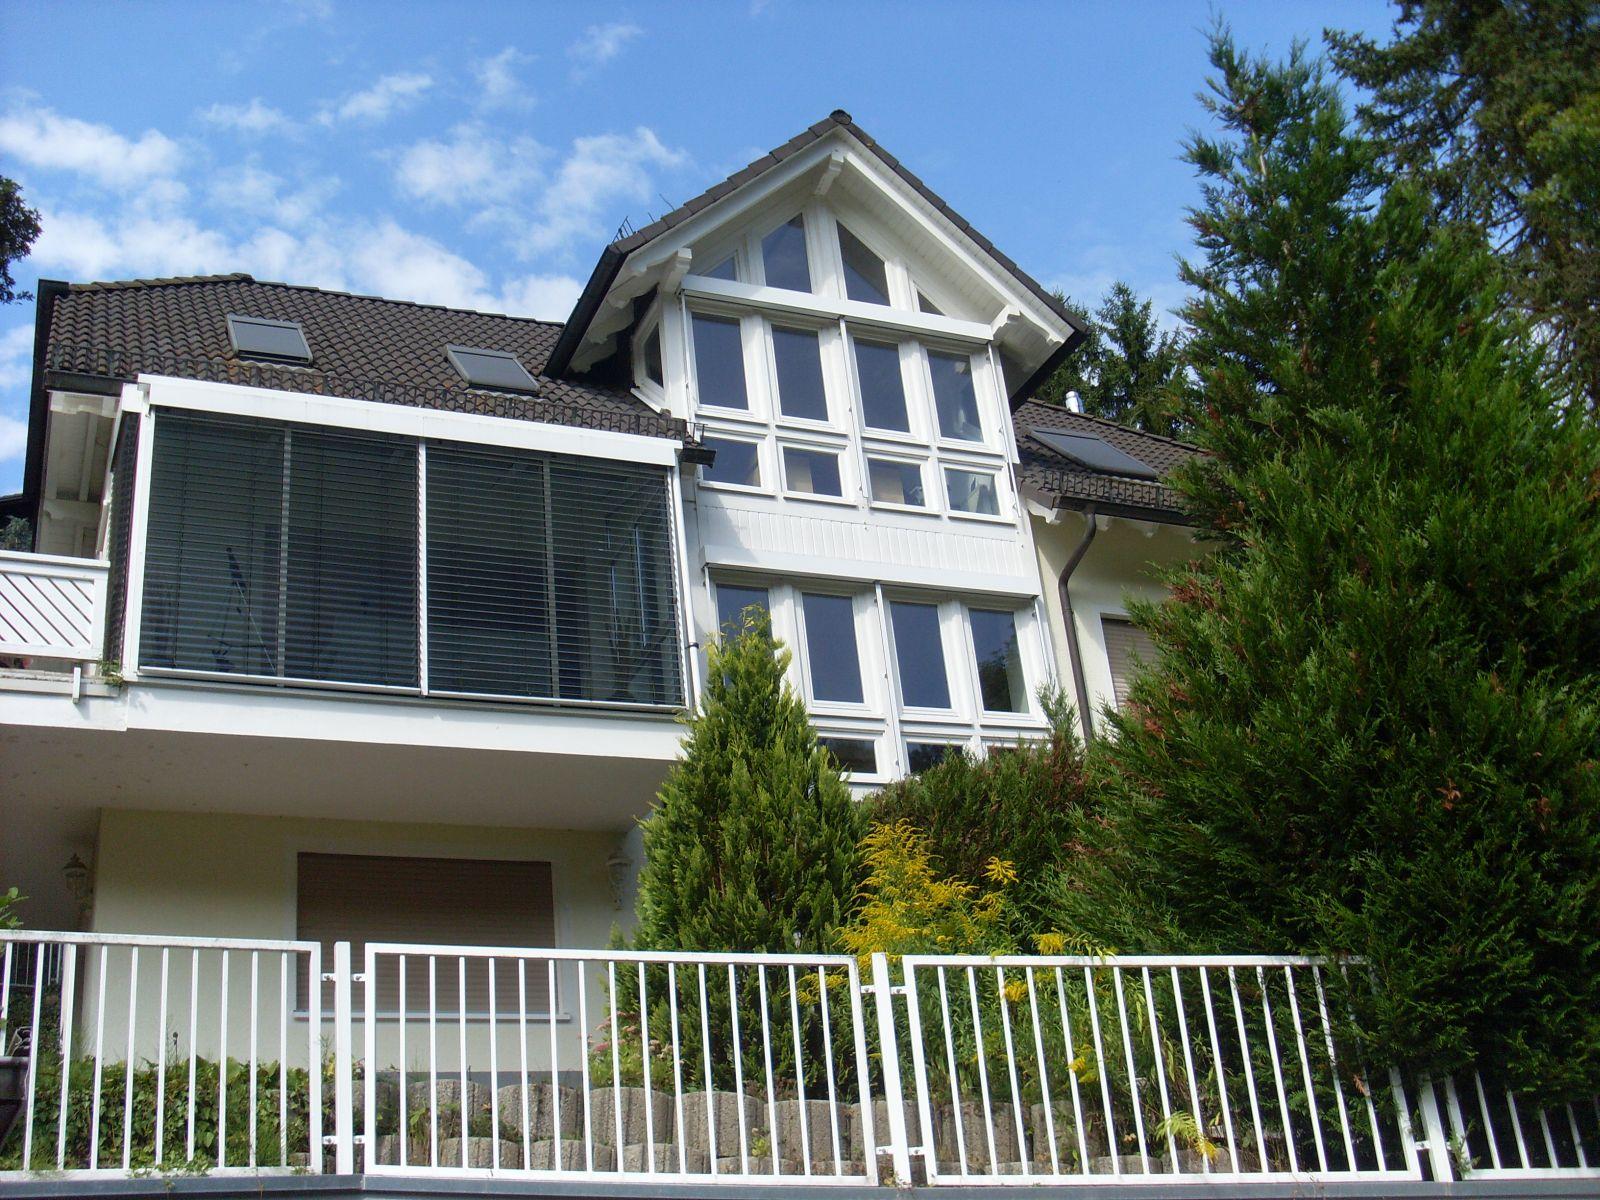 Architektenhaus am Waldrand